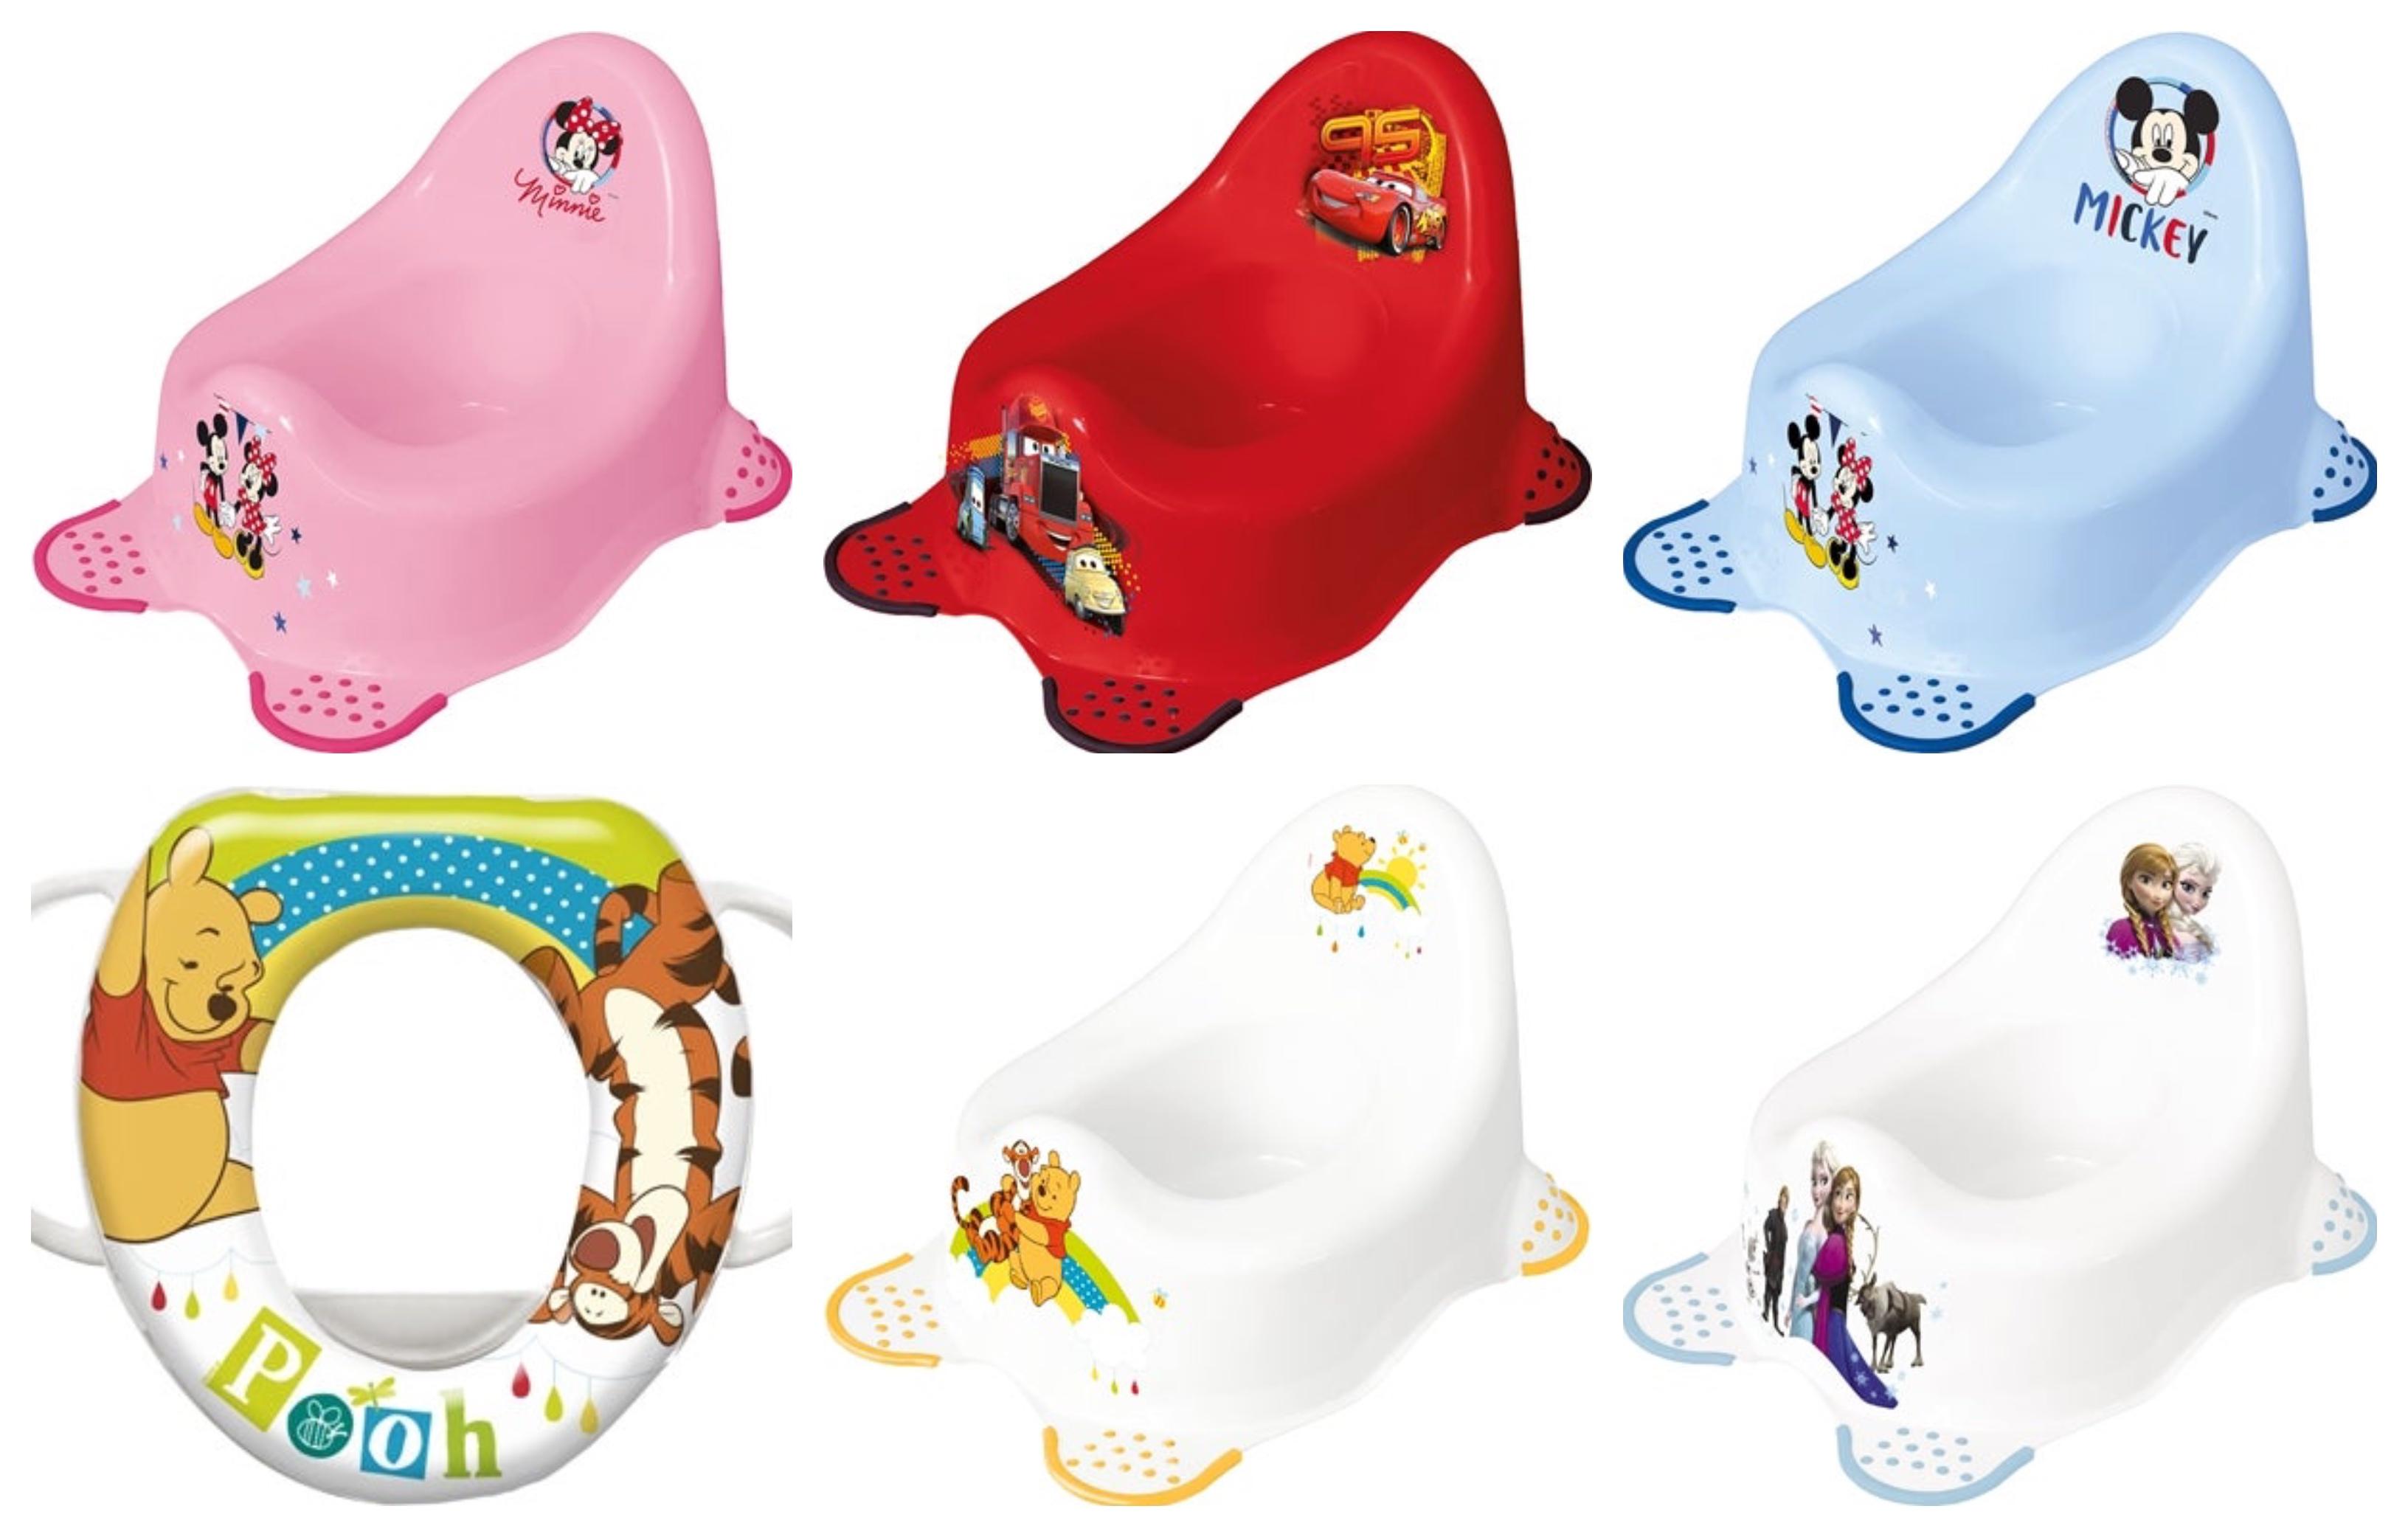 disnet toiletpotte - Disney potte og toiletsæde